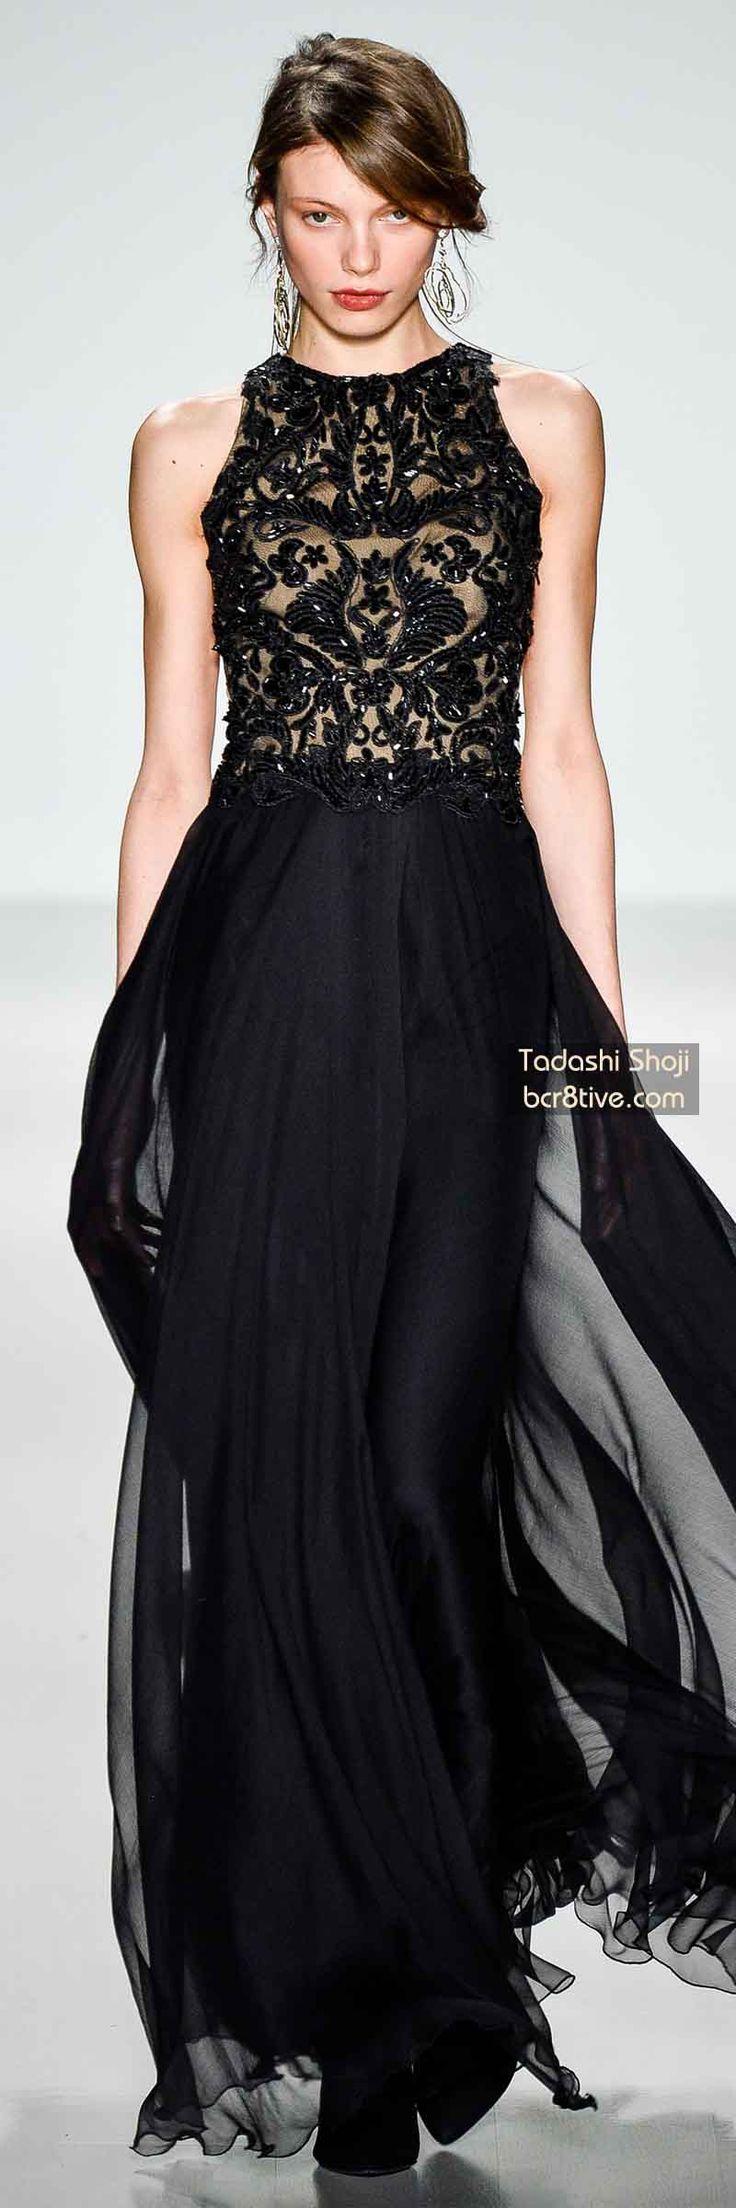 The Best Gowns of Fall 2014 Fashion Week International: Tadashi Shoji FW 2014 #NYFW